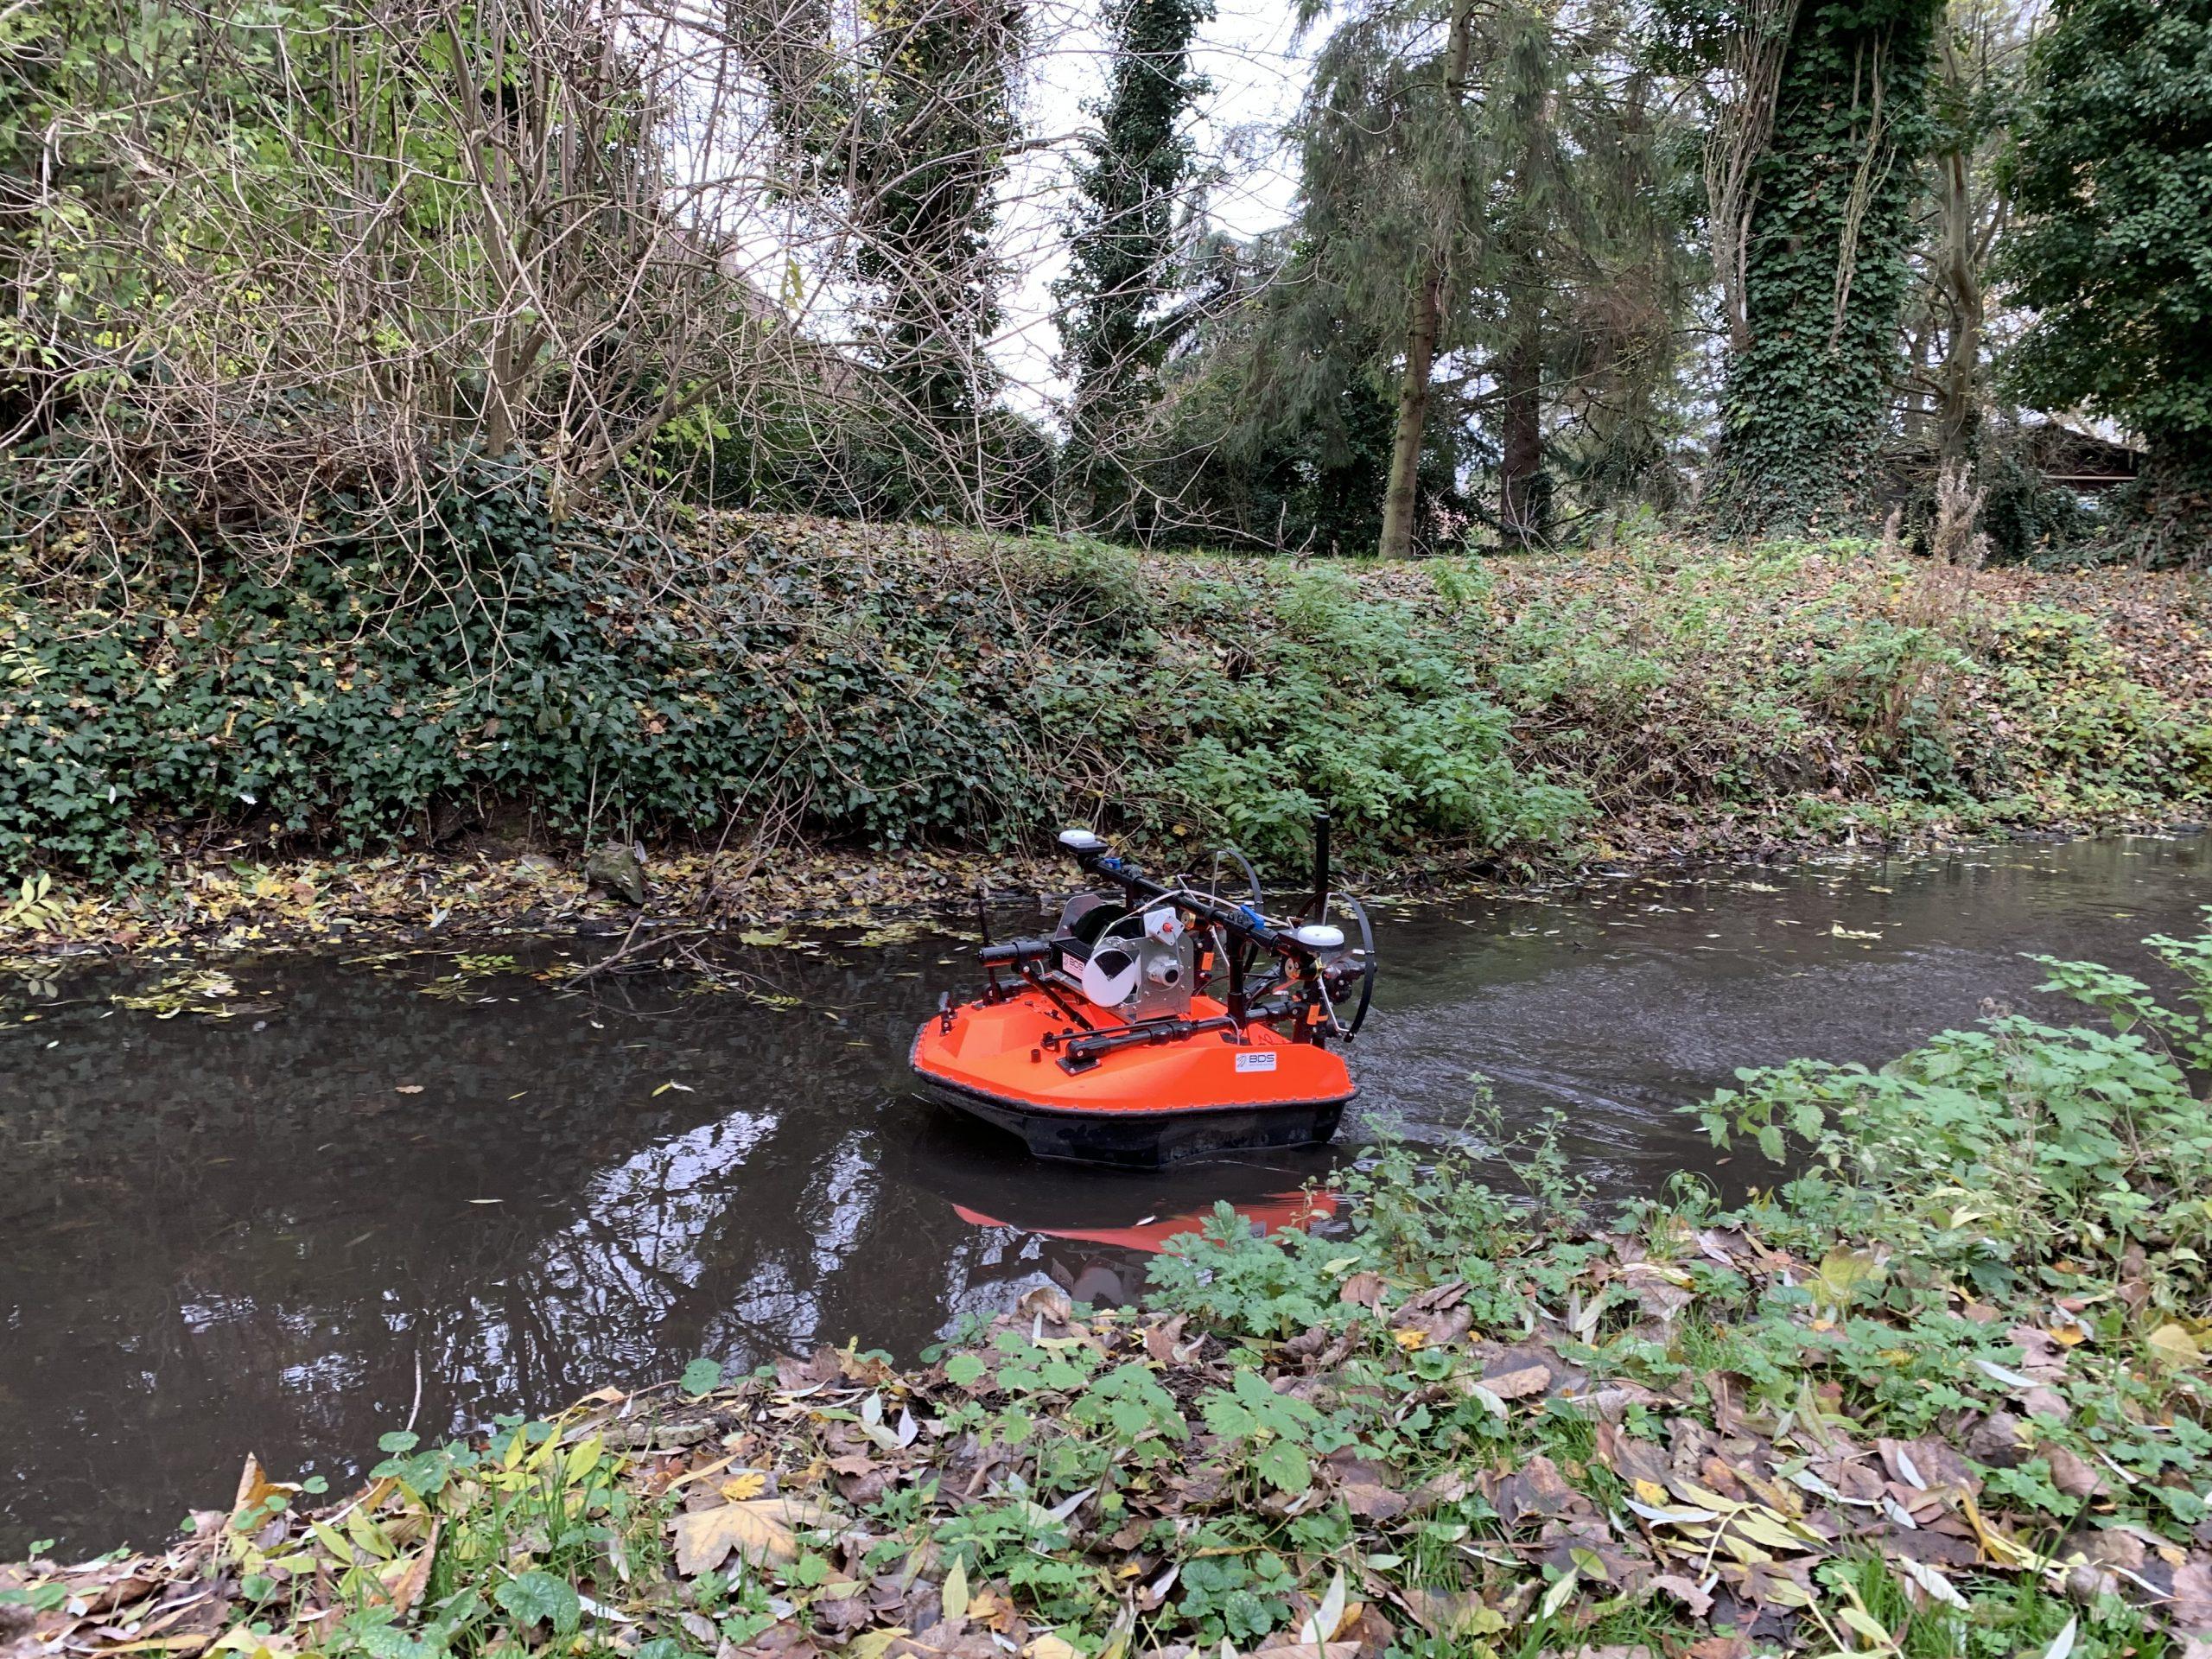 Bathymétrie-par-drones-aquatiques-en-rivière-BATHY-DRONE-SOLUTIONS